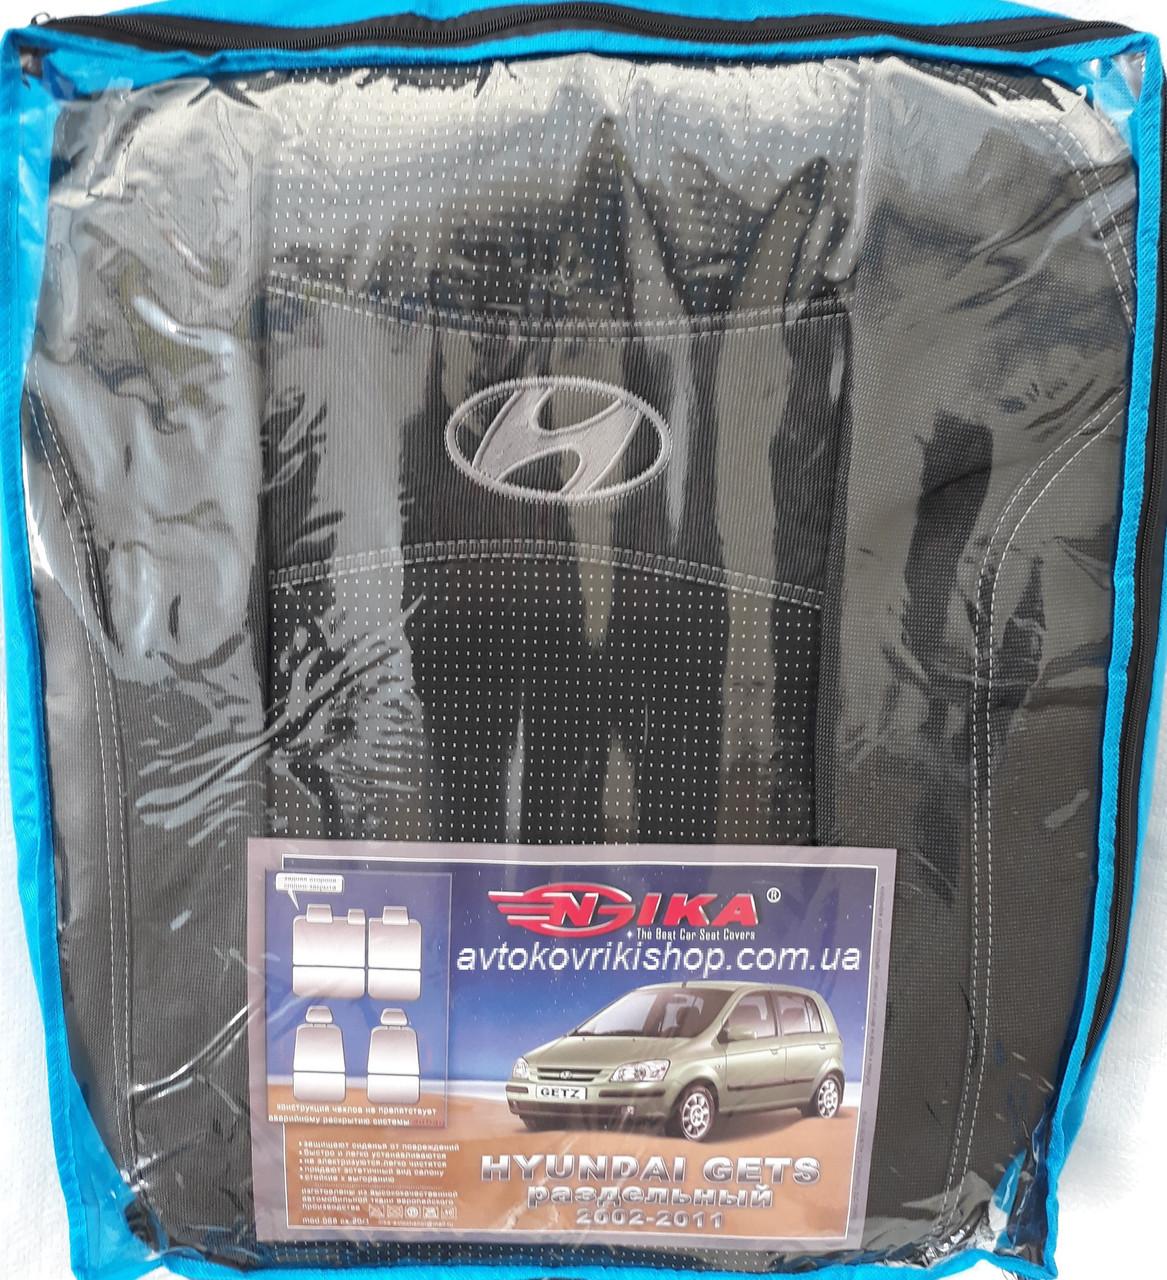 Авточехлы Hyundai Getz 2002-2011 з/сп (раздельная) Nika